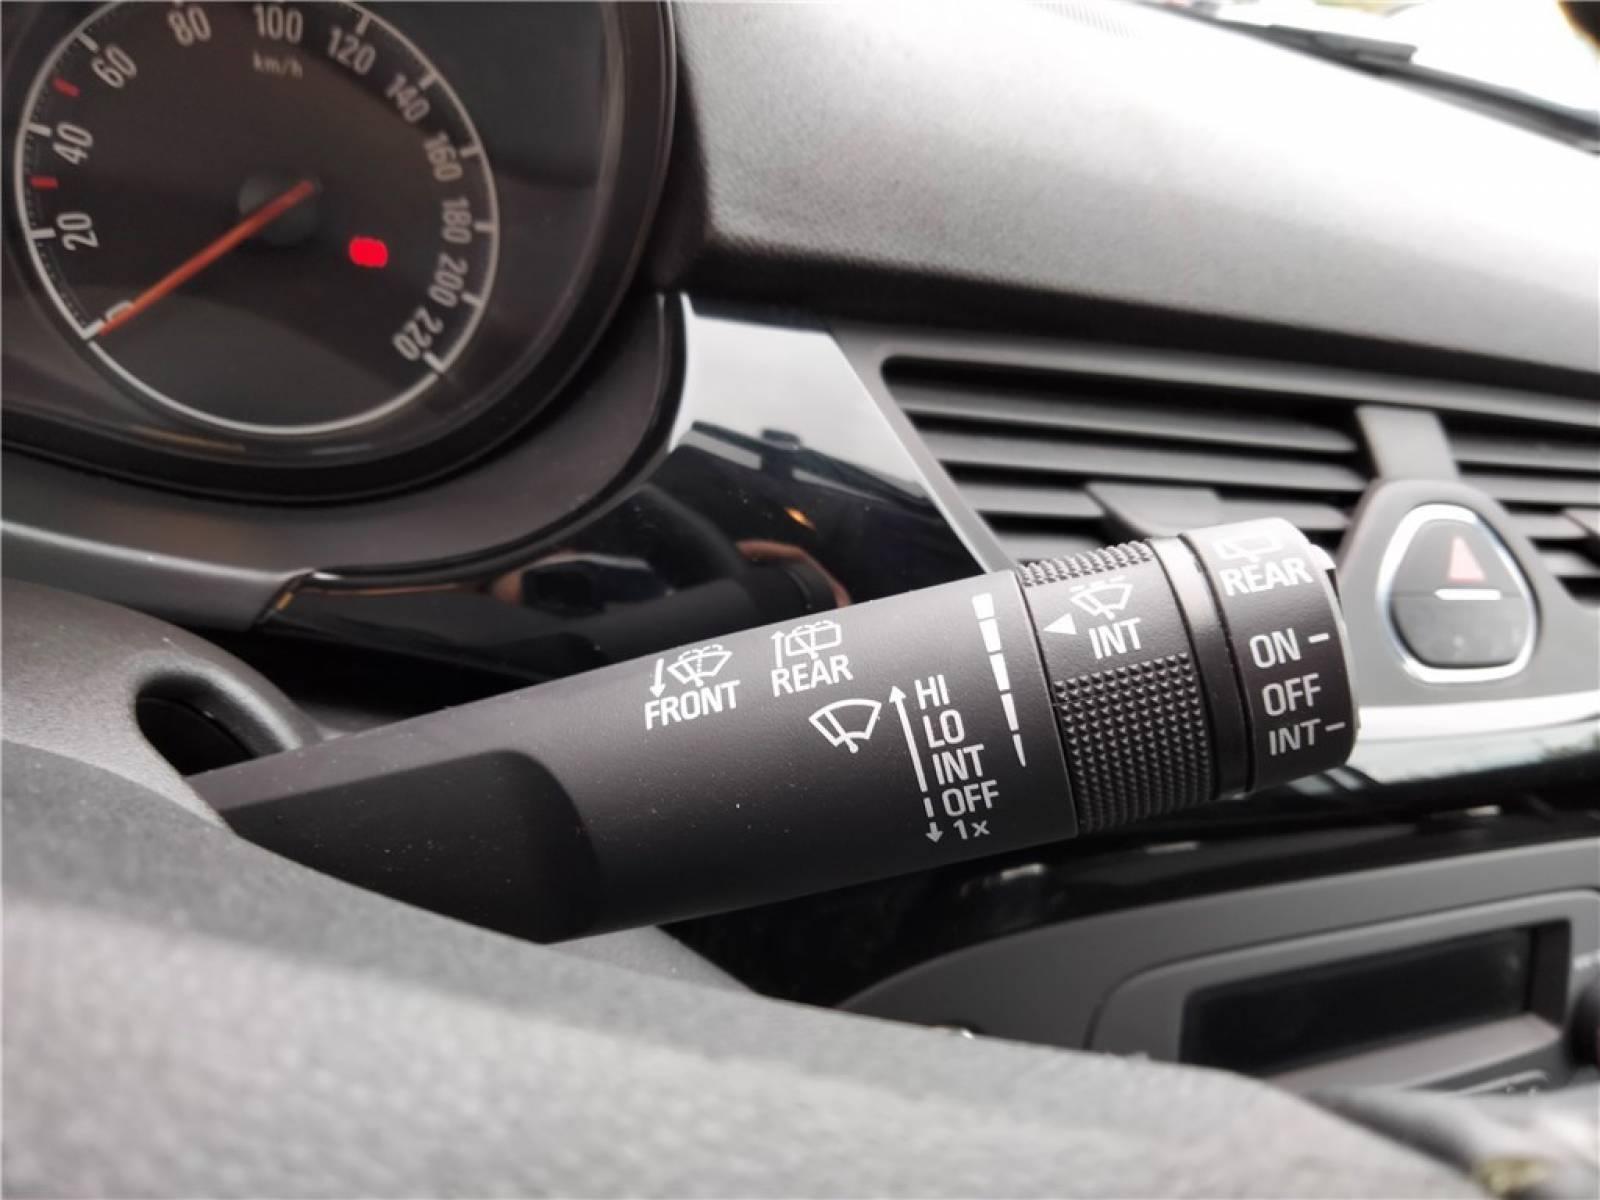 OPEL Corsa 1.4 90 ch - véhicule d'occasion - Groupe Guillet - Opel Magicauto - Chalon-sur-Saône - 71380 - Saint-Marcel - 35